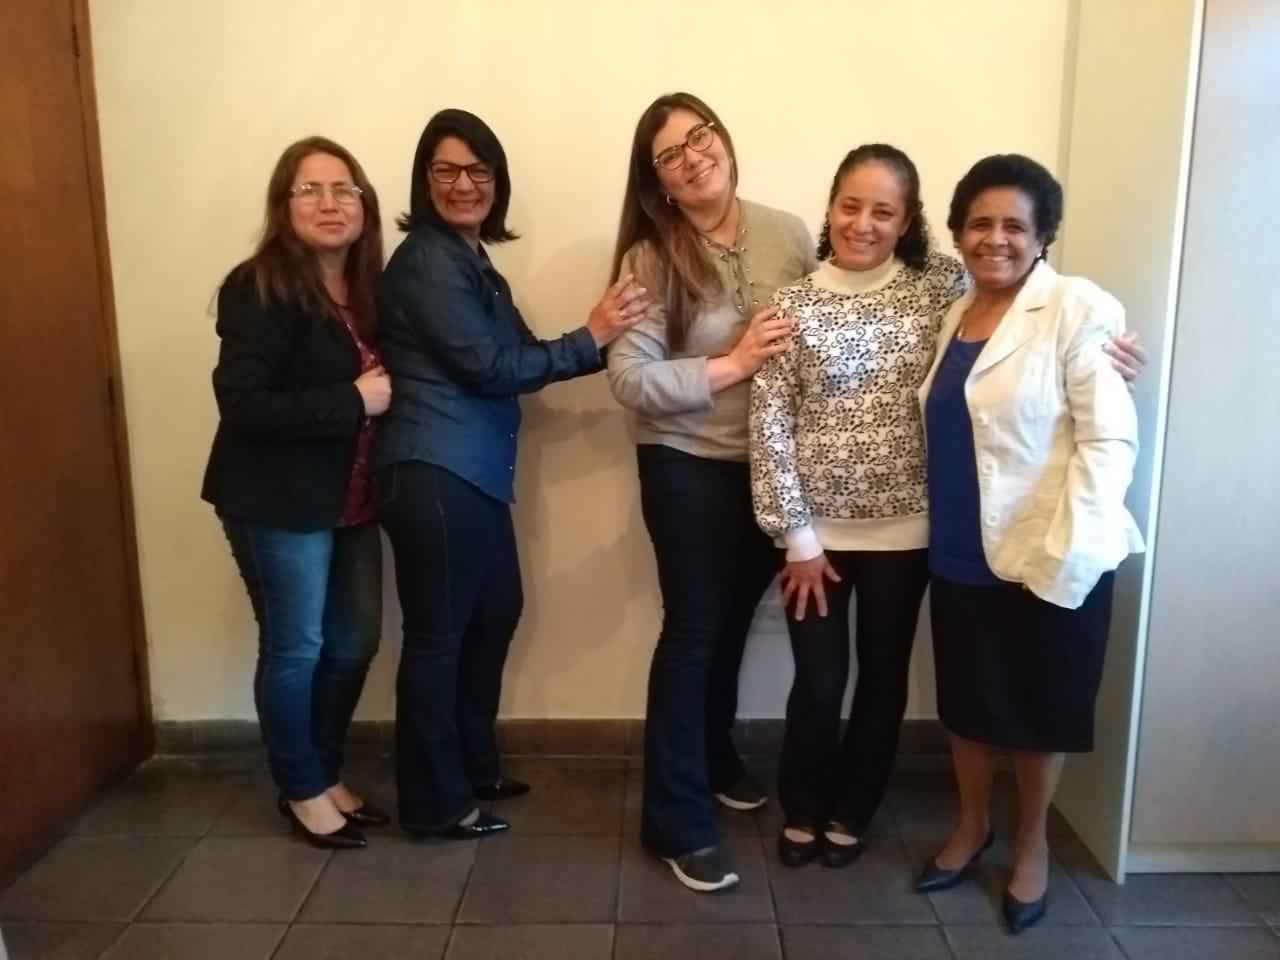 SAF - Sociedade Auxiliadora Feminina | Diretoria 2019| Foto: arquivo IPD (2019)